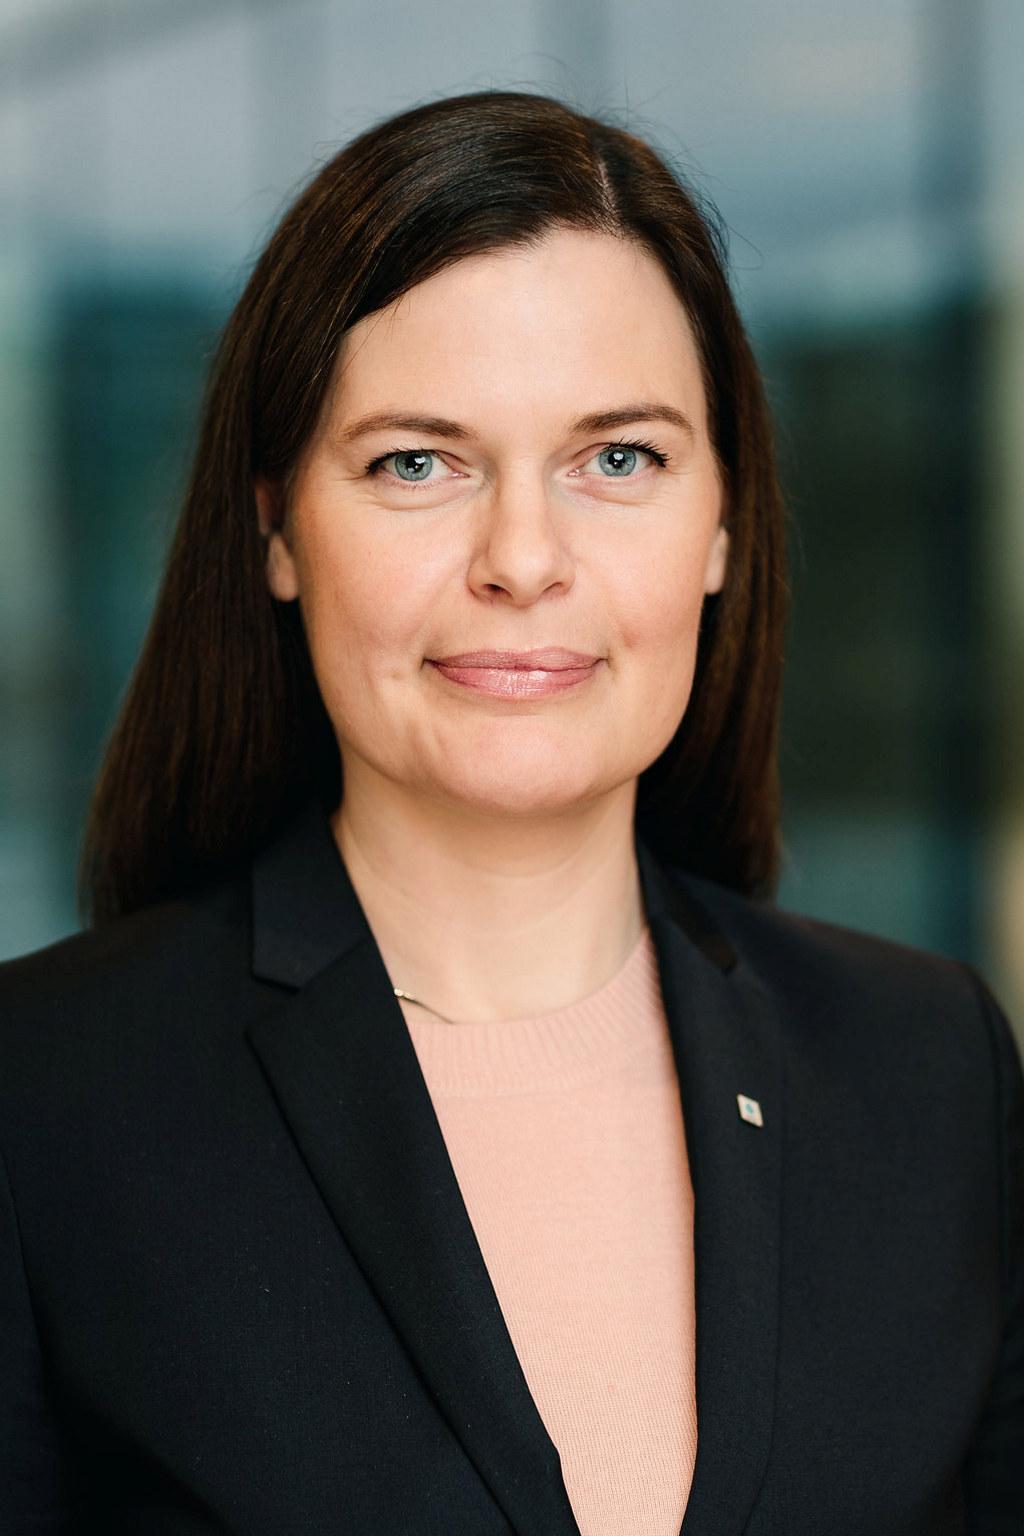 Anna Brustad Moe